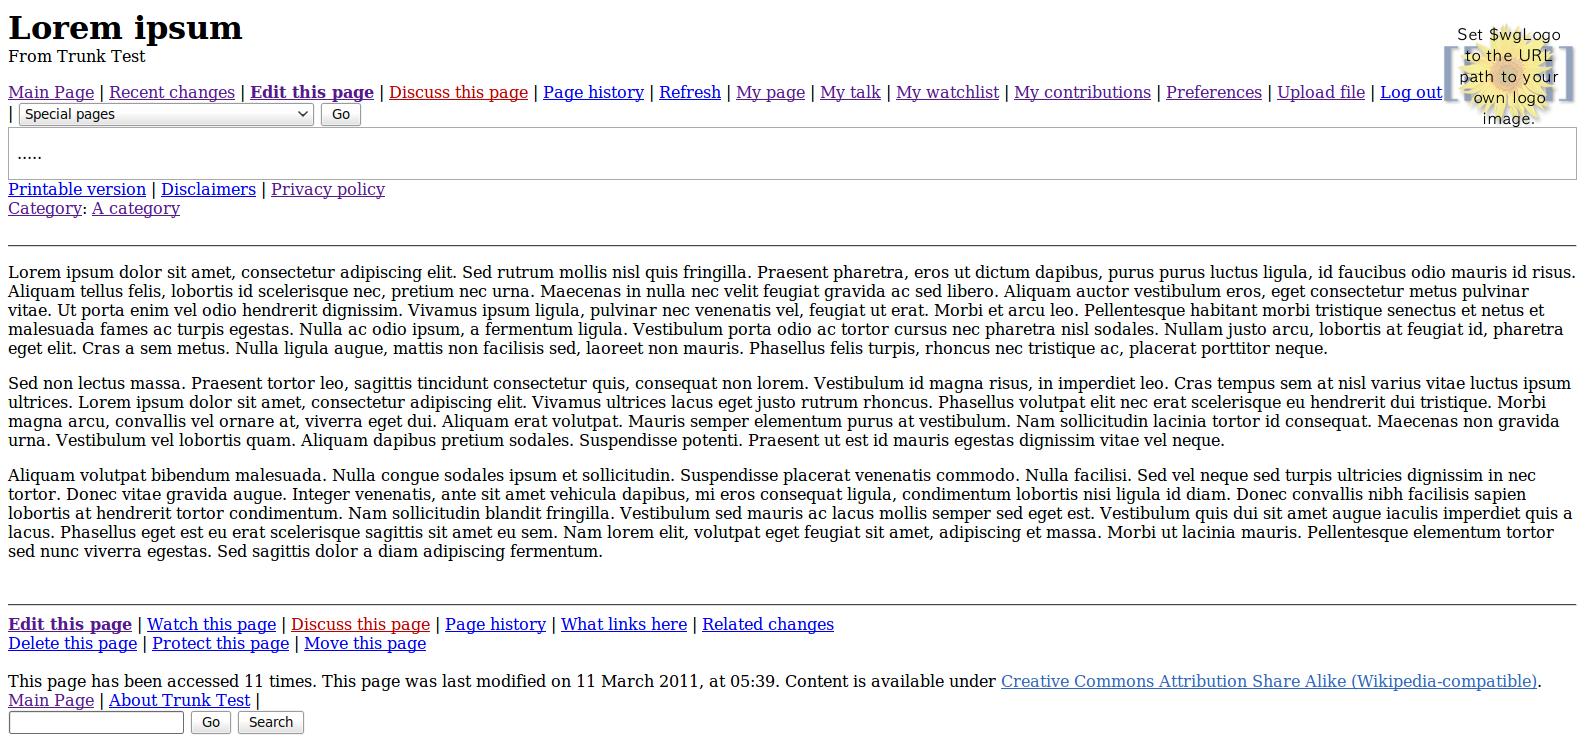 Nostalgia mediawiki template